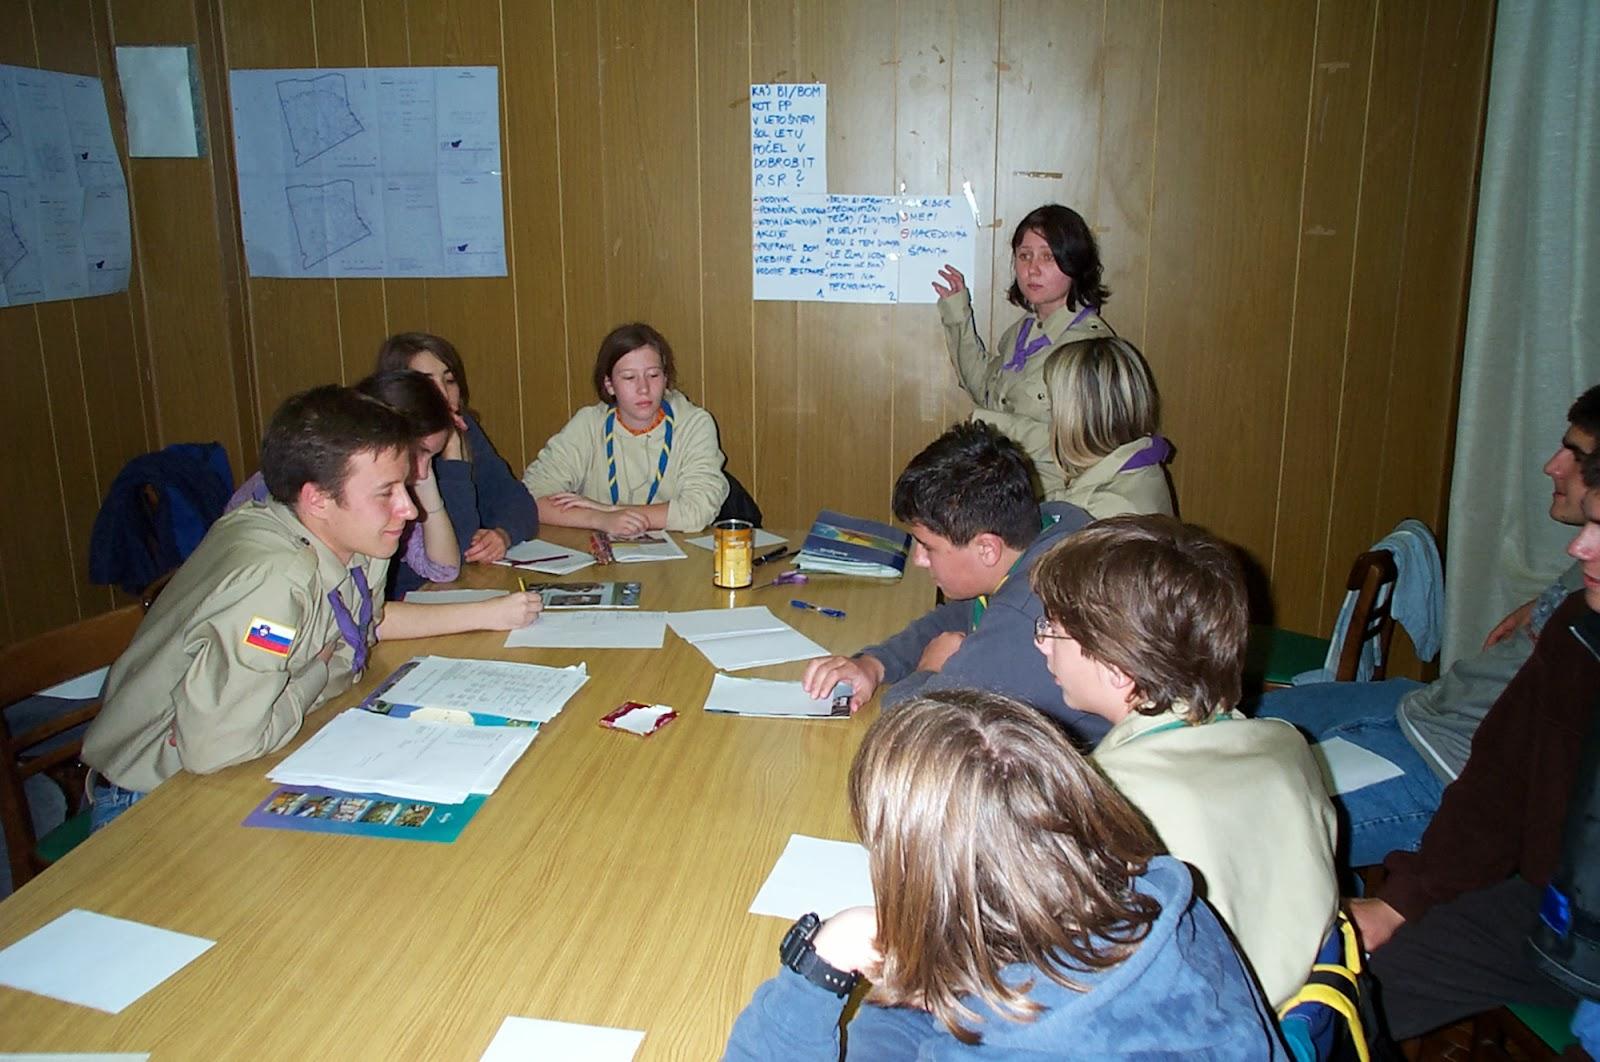 Sestanek vodnikov, Ilirska Bistrica - DCP_3491.JPG